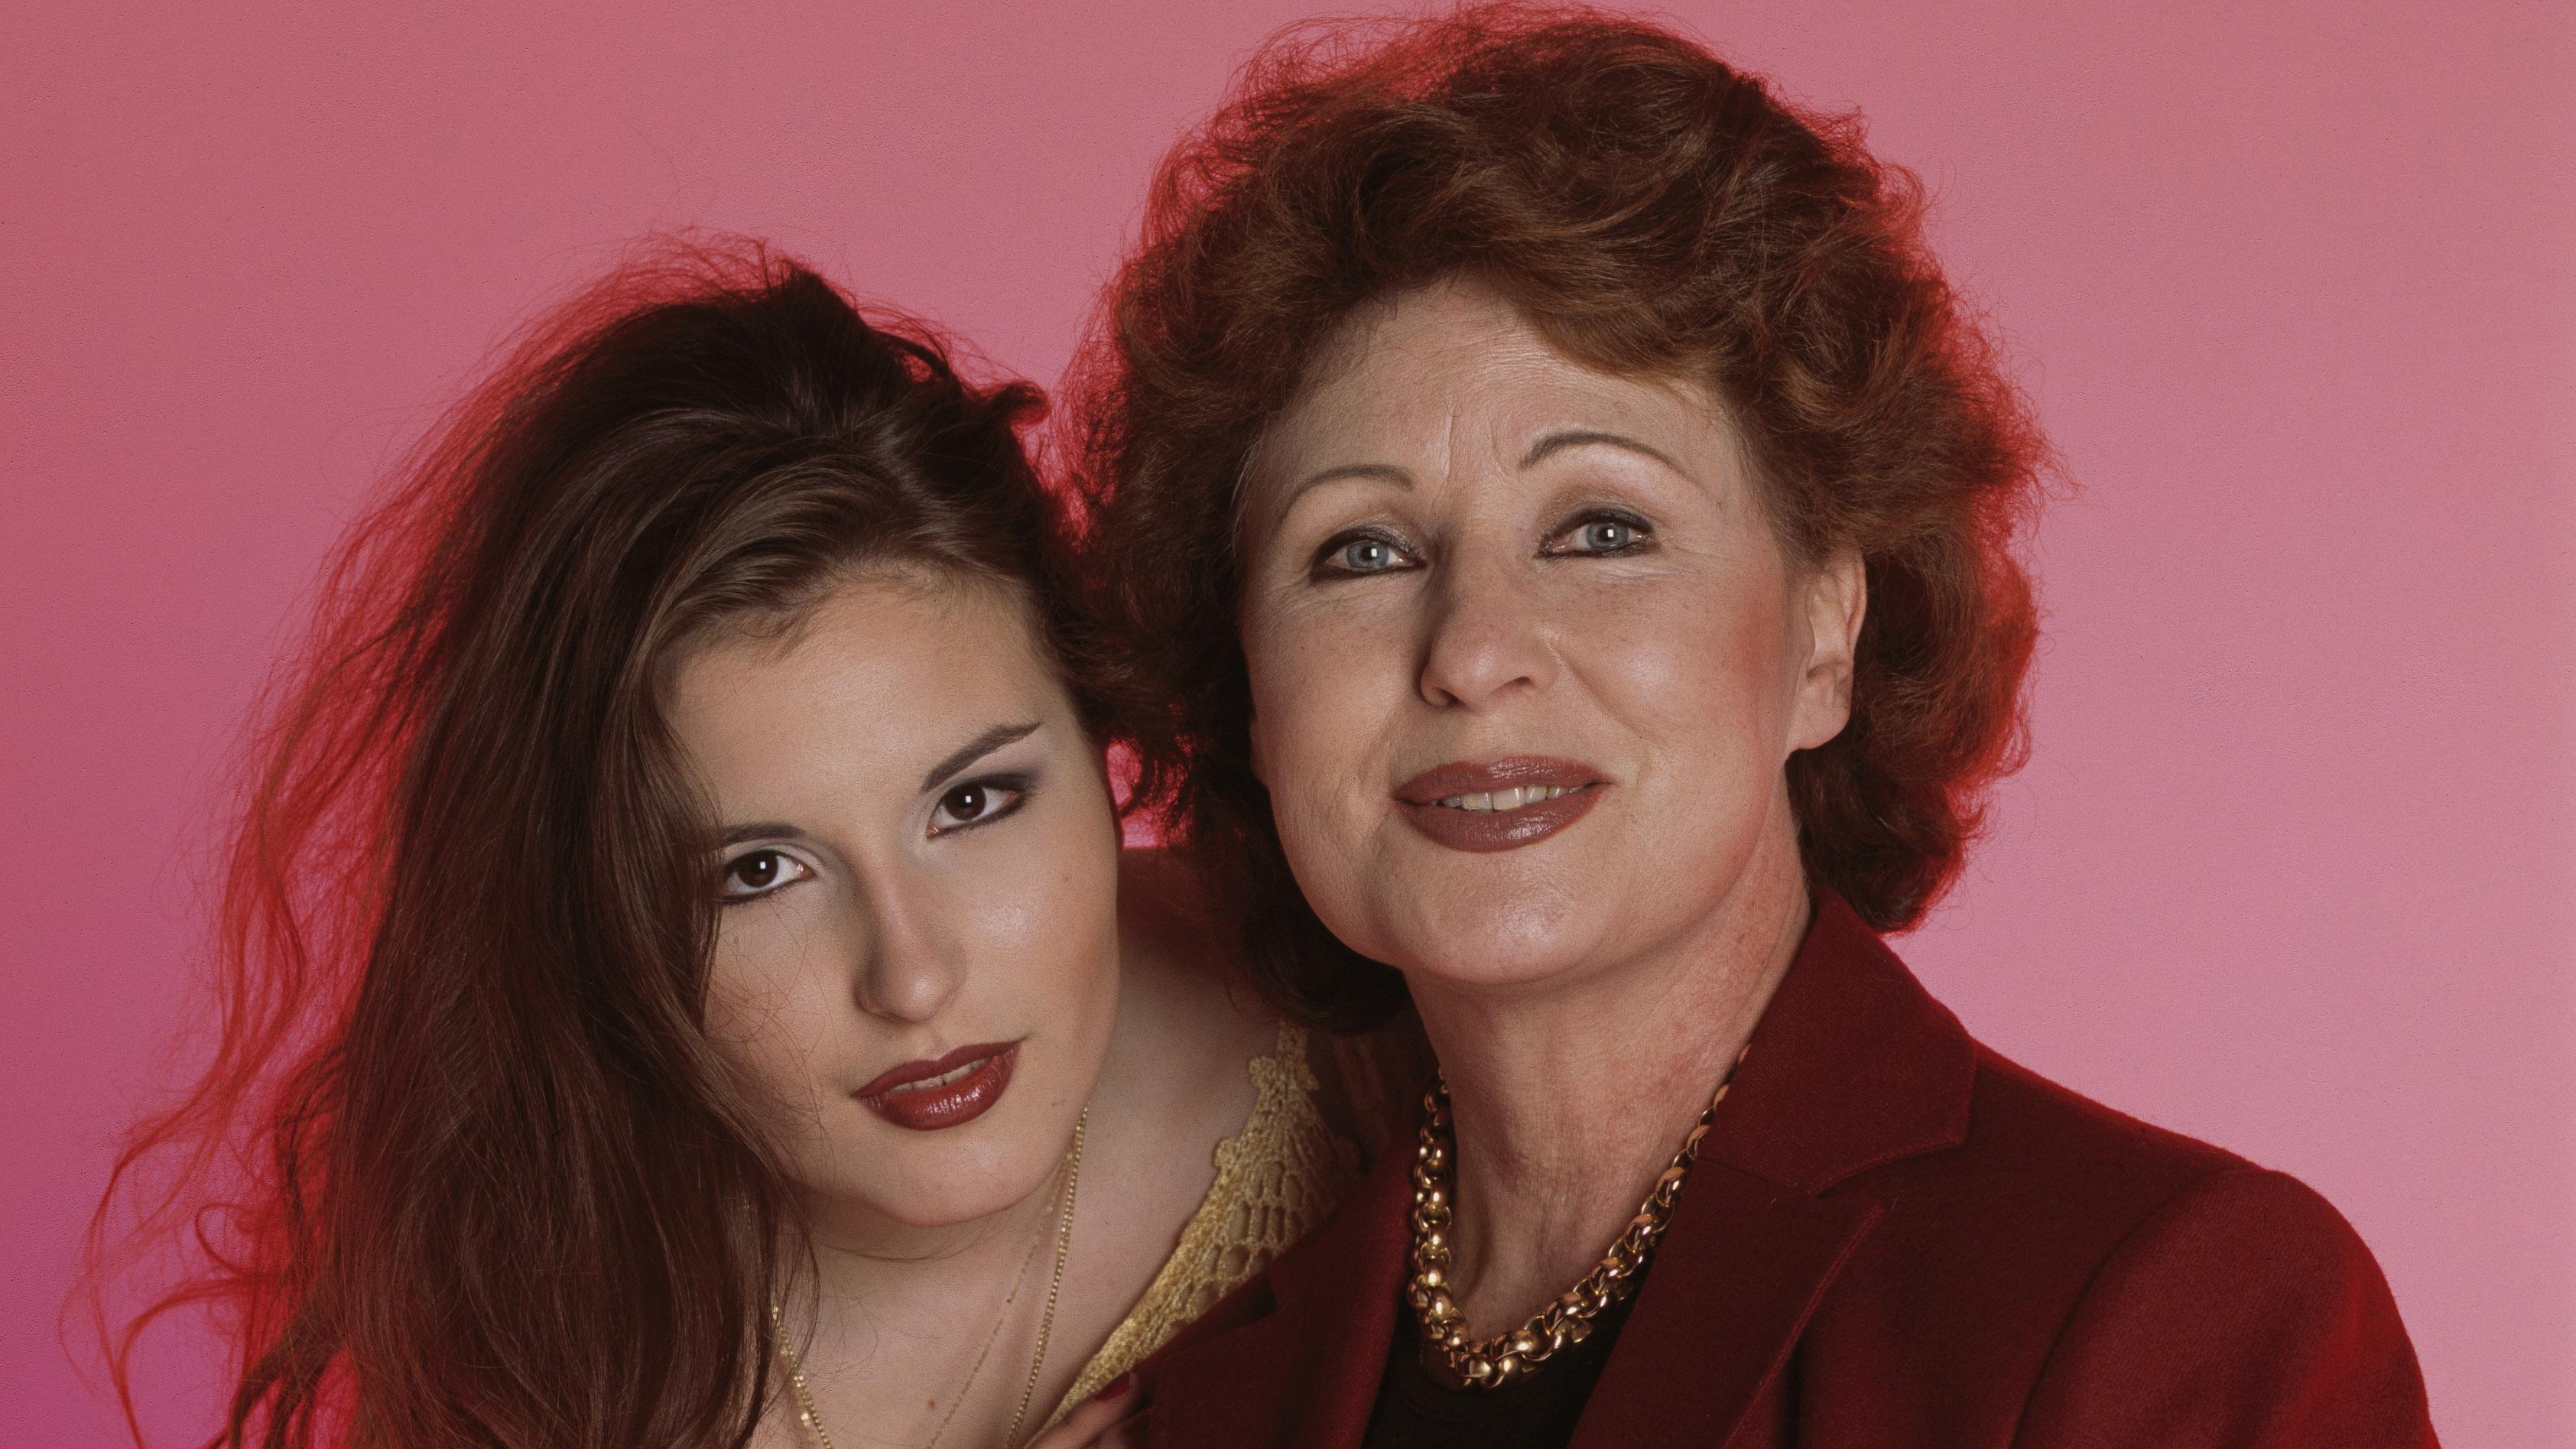 Maria Lund äitinsä Tamaran kanssa vuonna 2002. Maria kertoo Annassa, että välillä hän kokee, ettei voi koskaan olla taiteilijana yhtä hyvä kuin äitinsä.